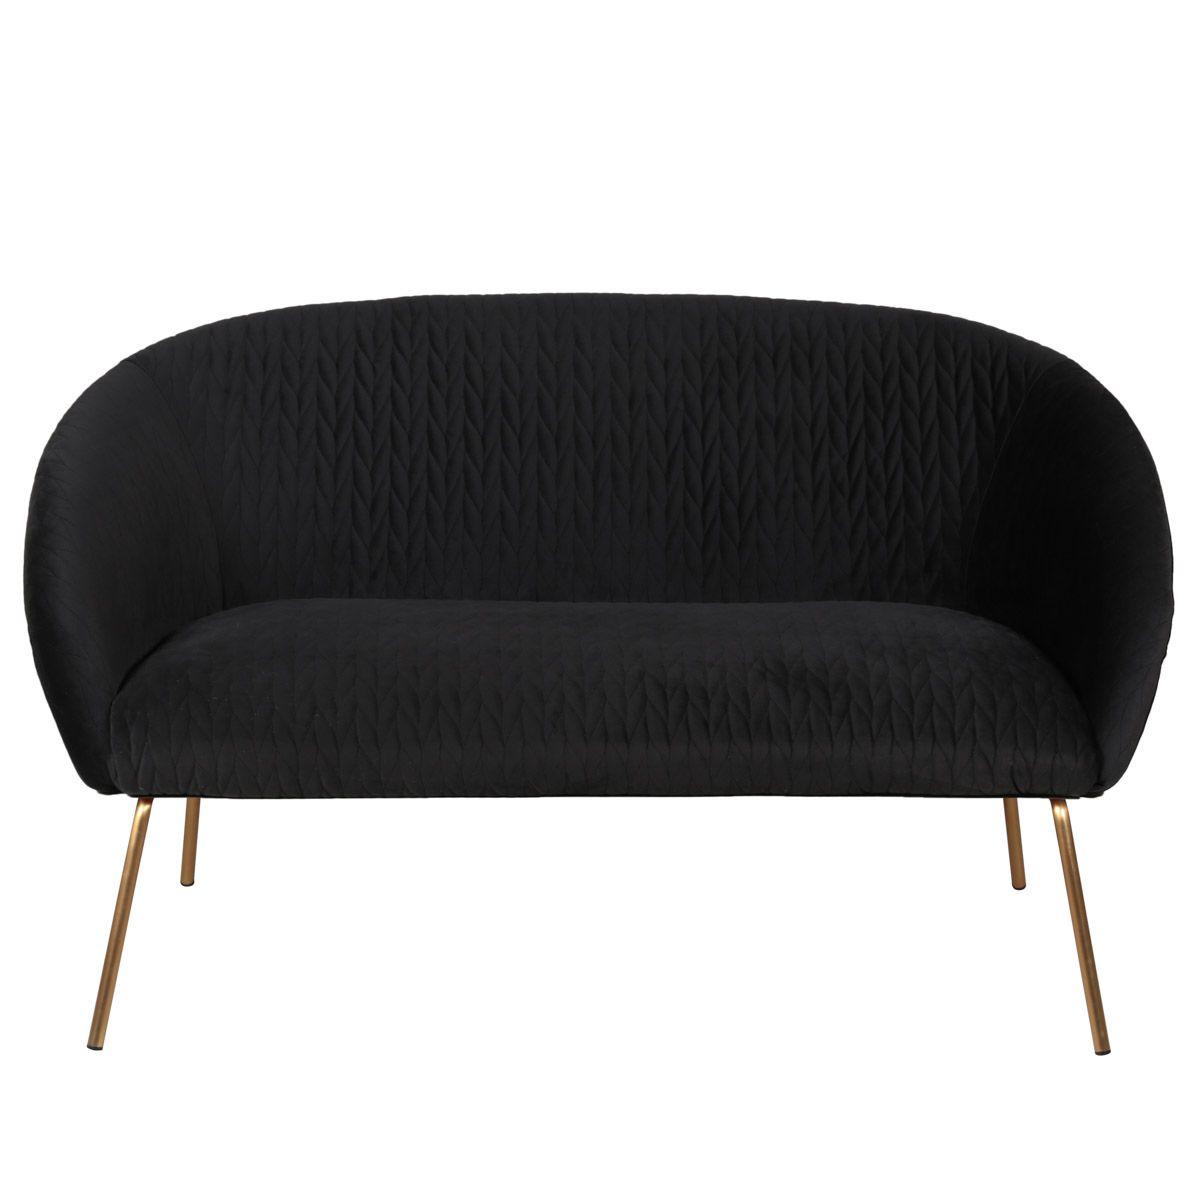 Canapé 2 places en velours anthracite et pieds dorés